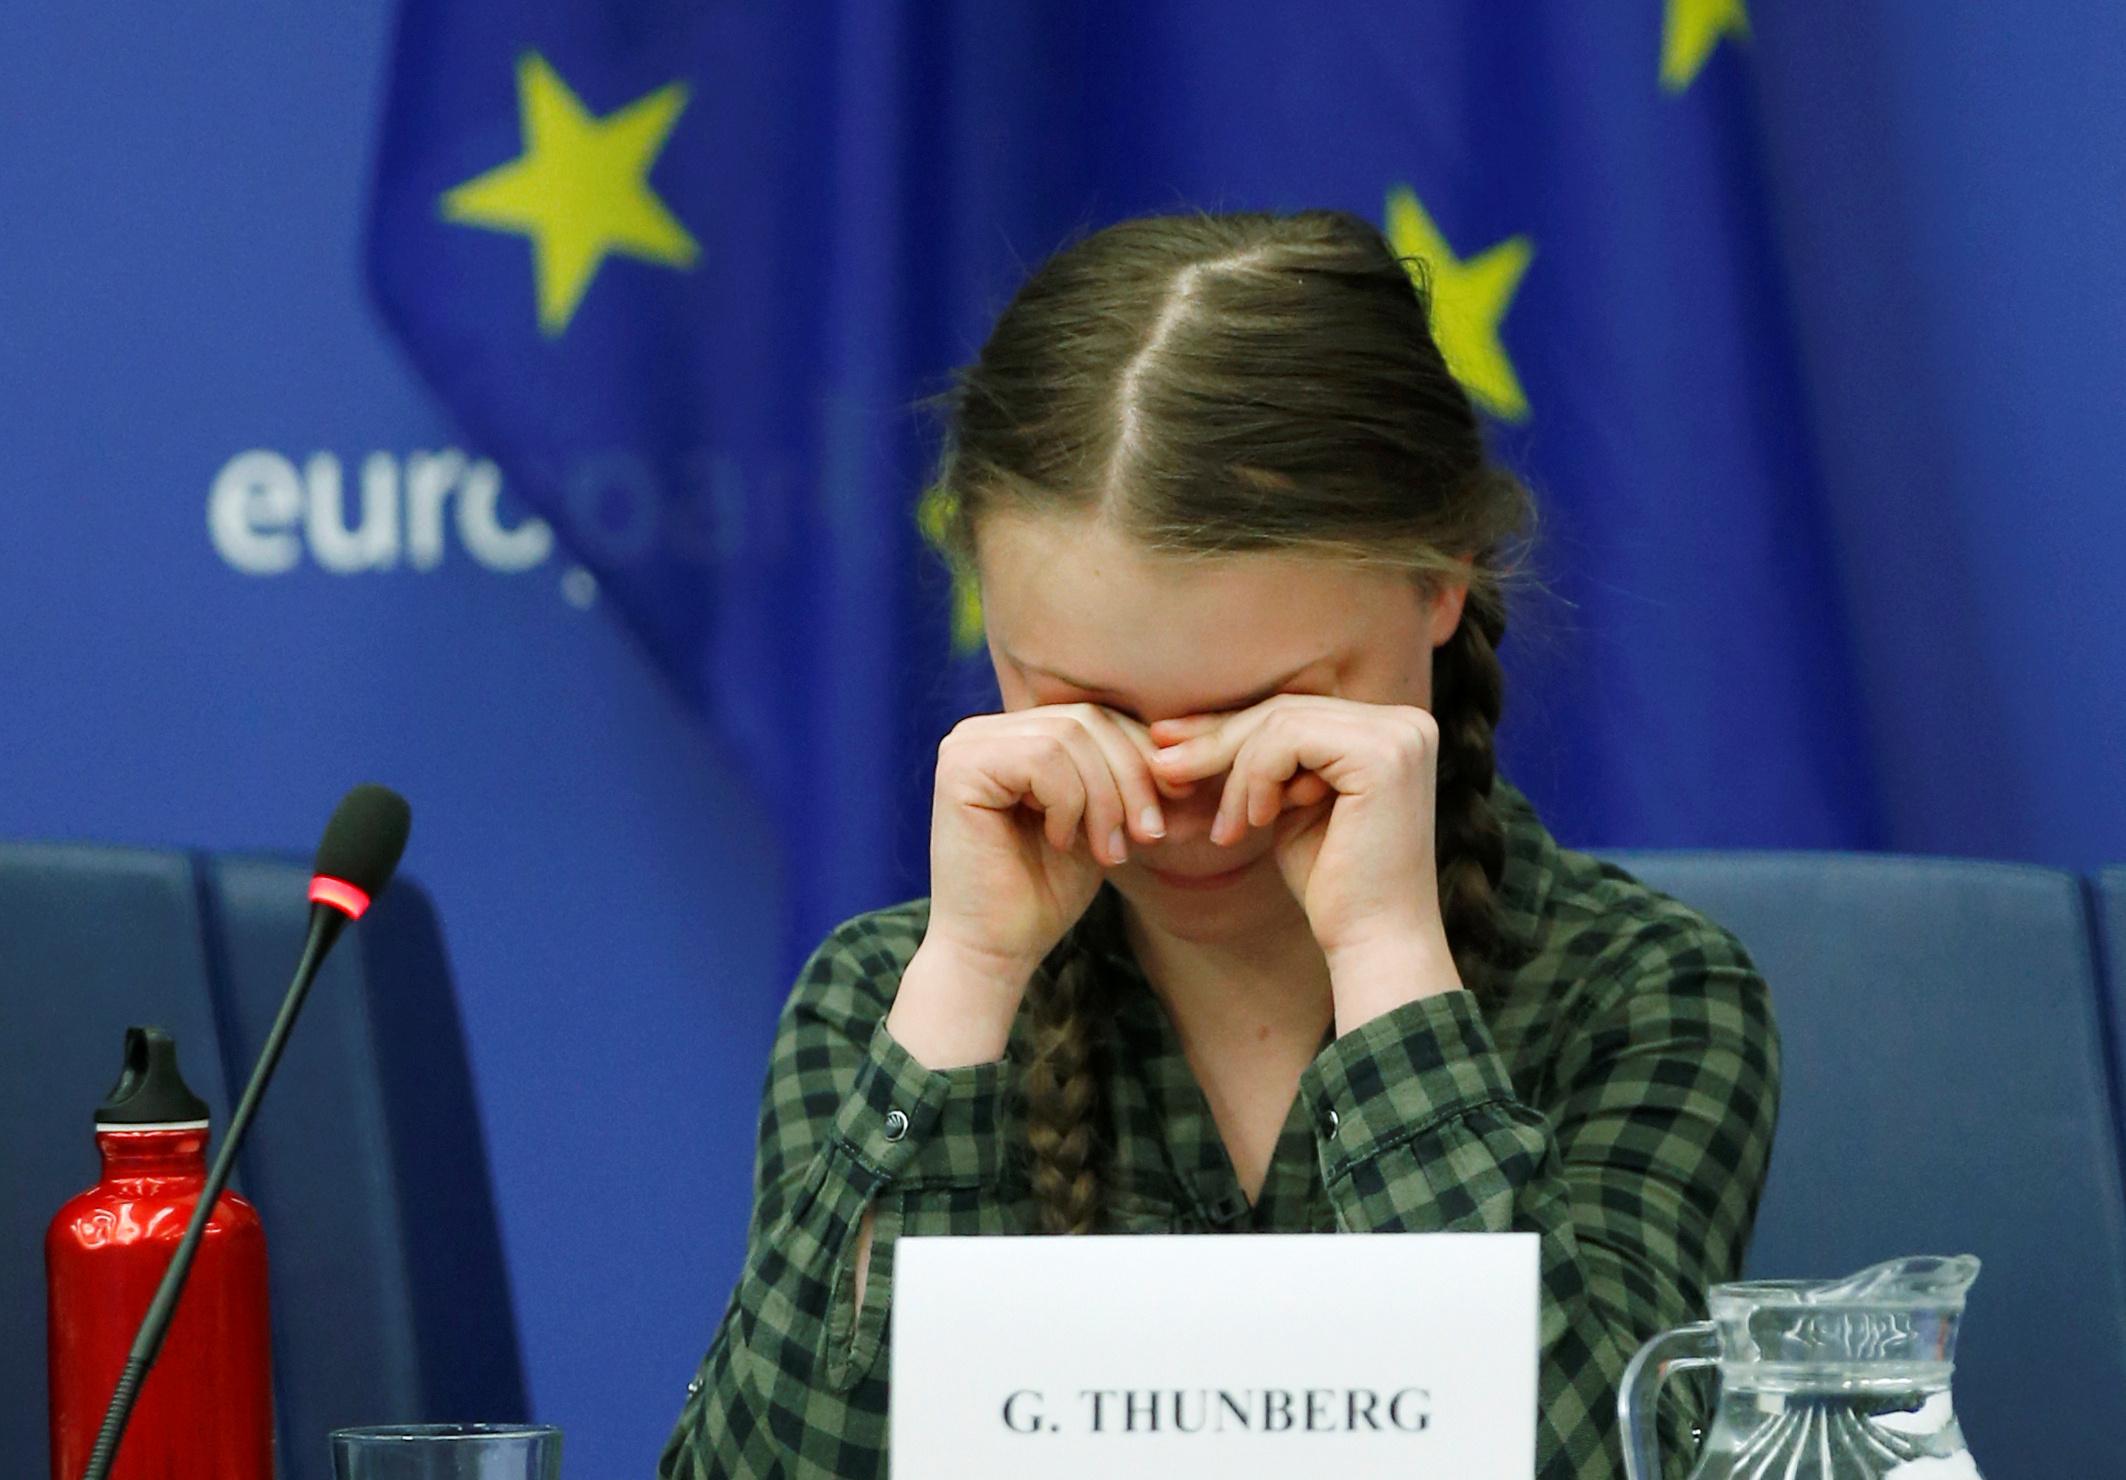 الطفلة السويدية جريتا ثانبيرج داخل البرلمان الأوروبى (9)